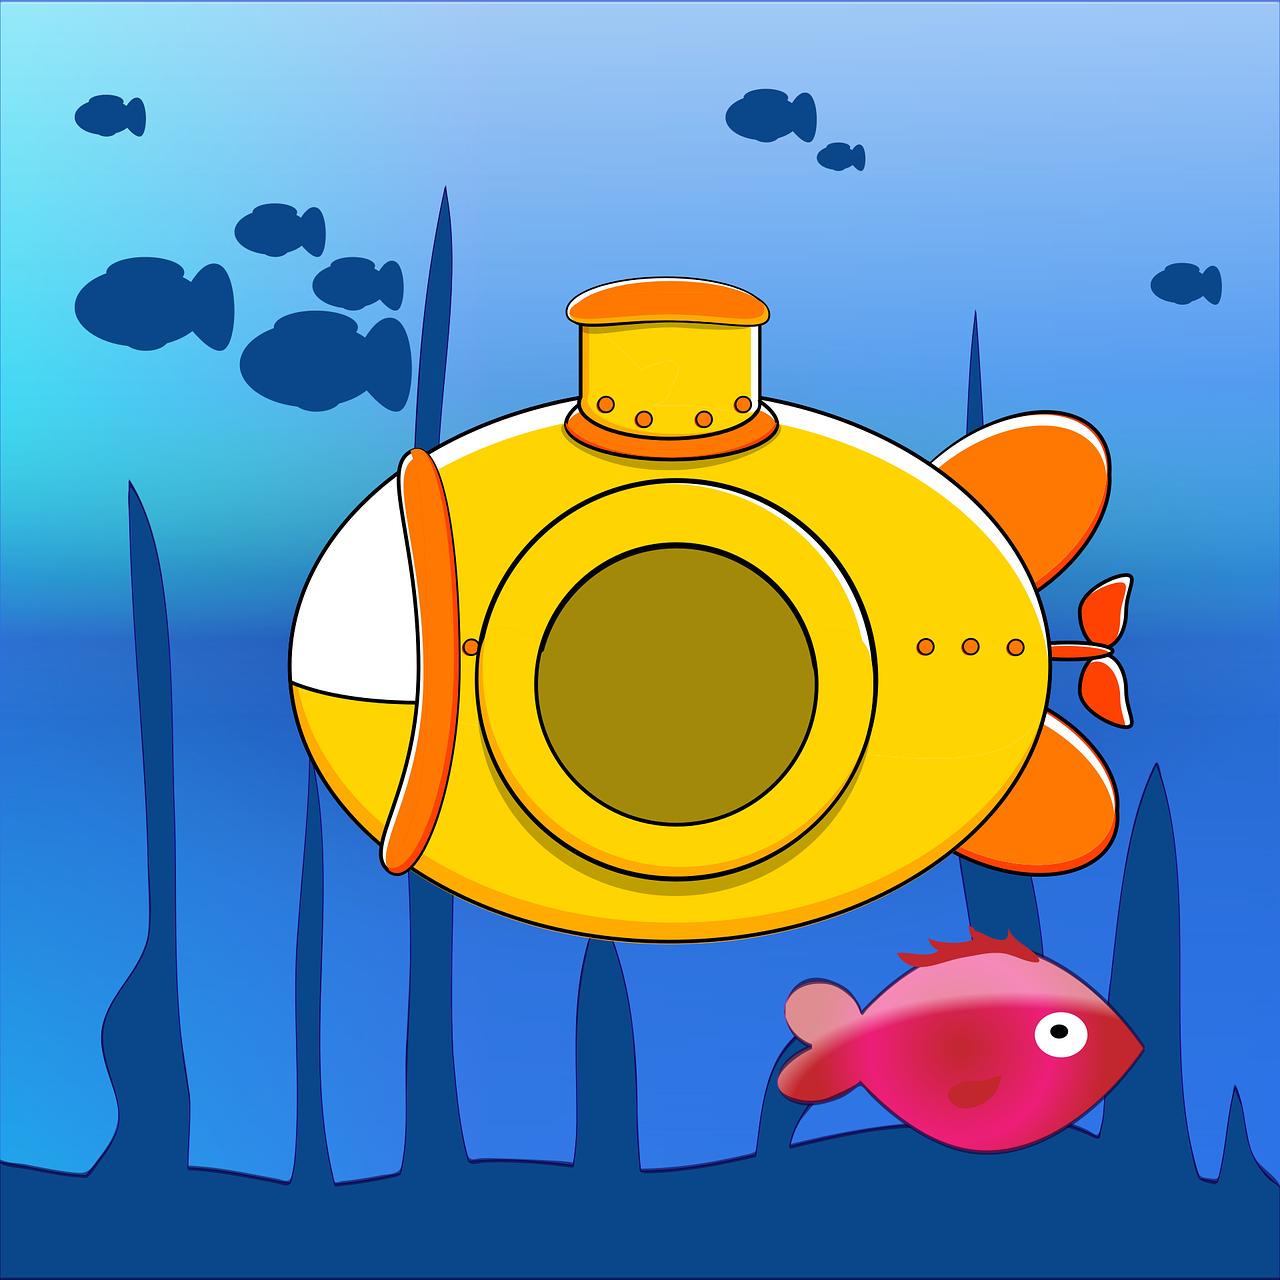 OPÅLITLIGT I REALPOLITIKEN: Konsten att sänka en ubåt